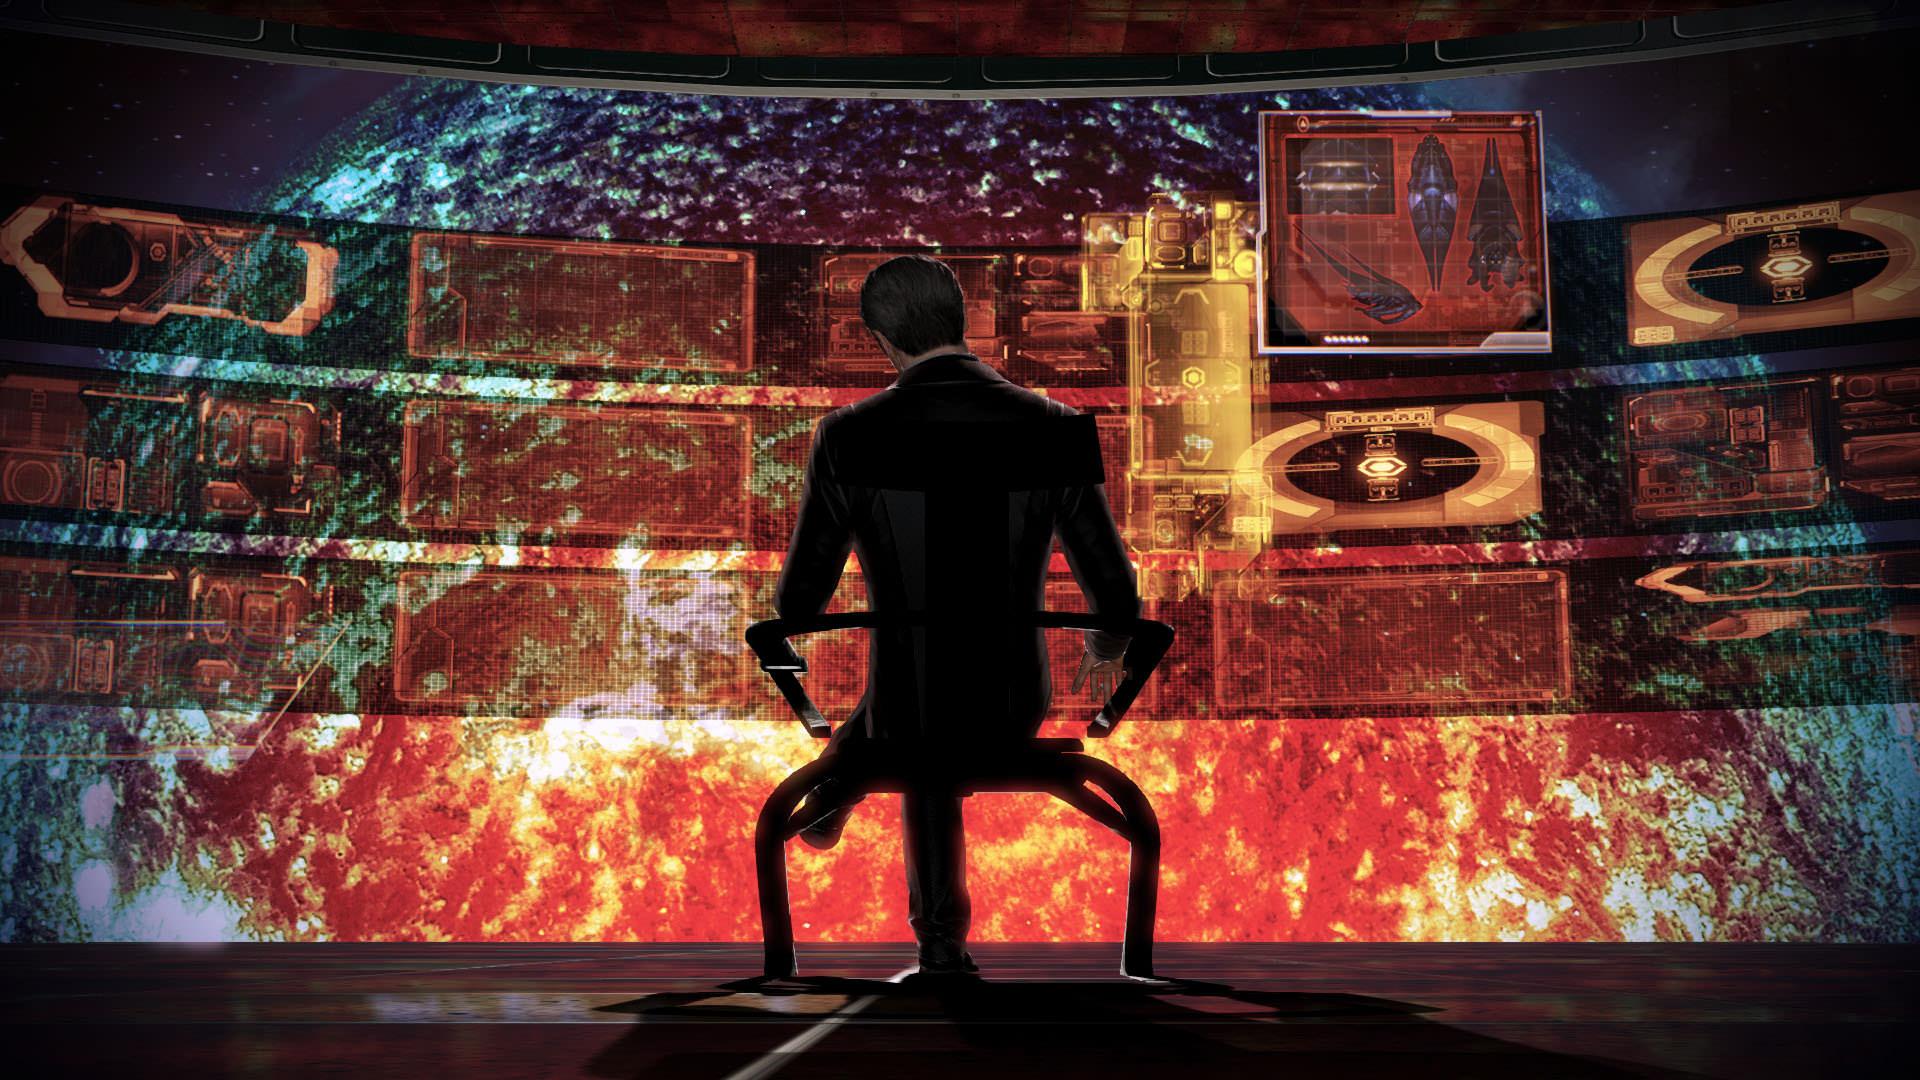 #1 - Mass Effect 2